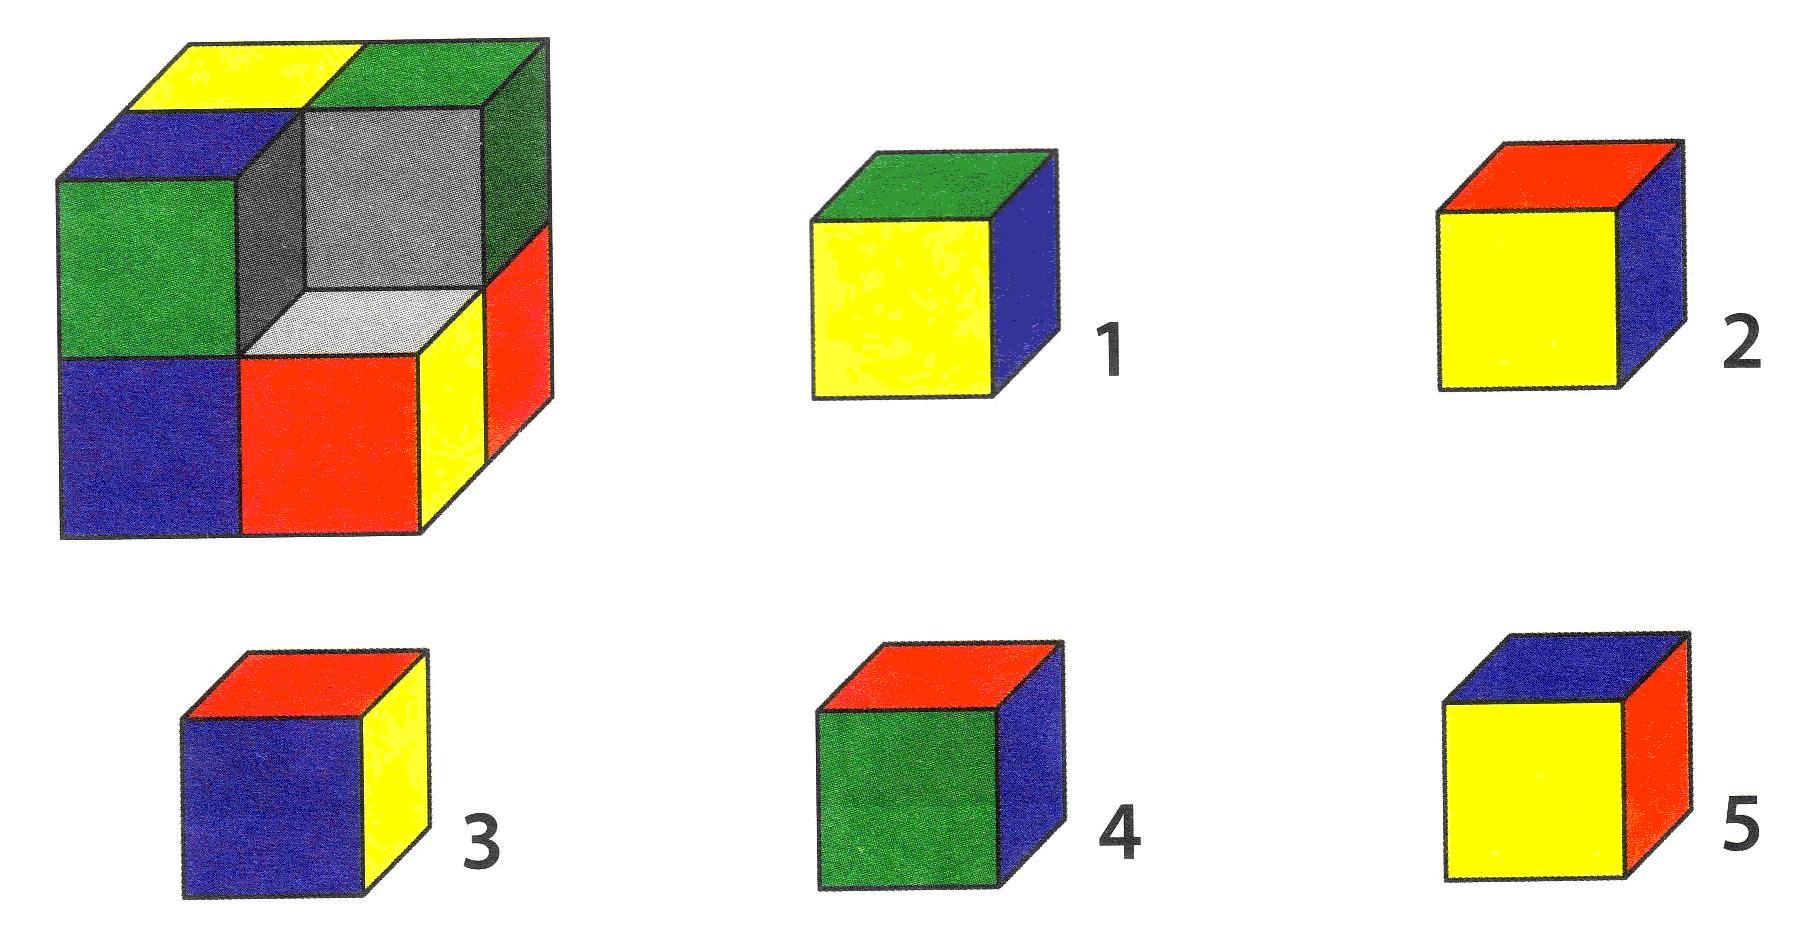 тест на логику кубик